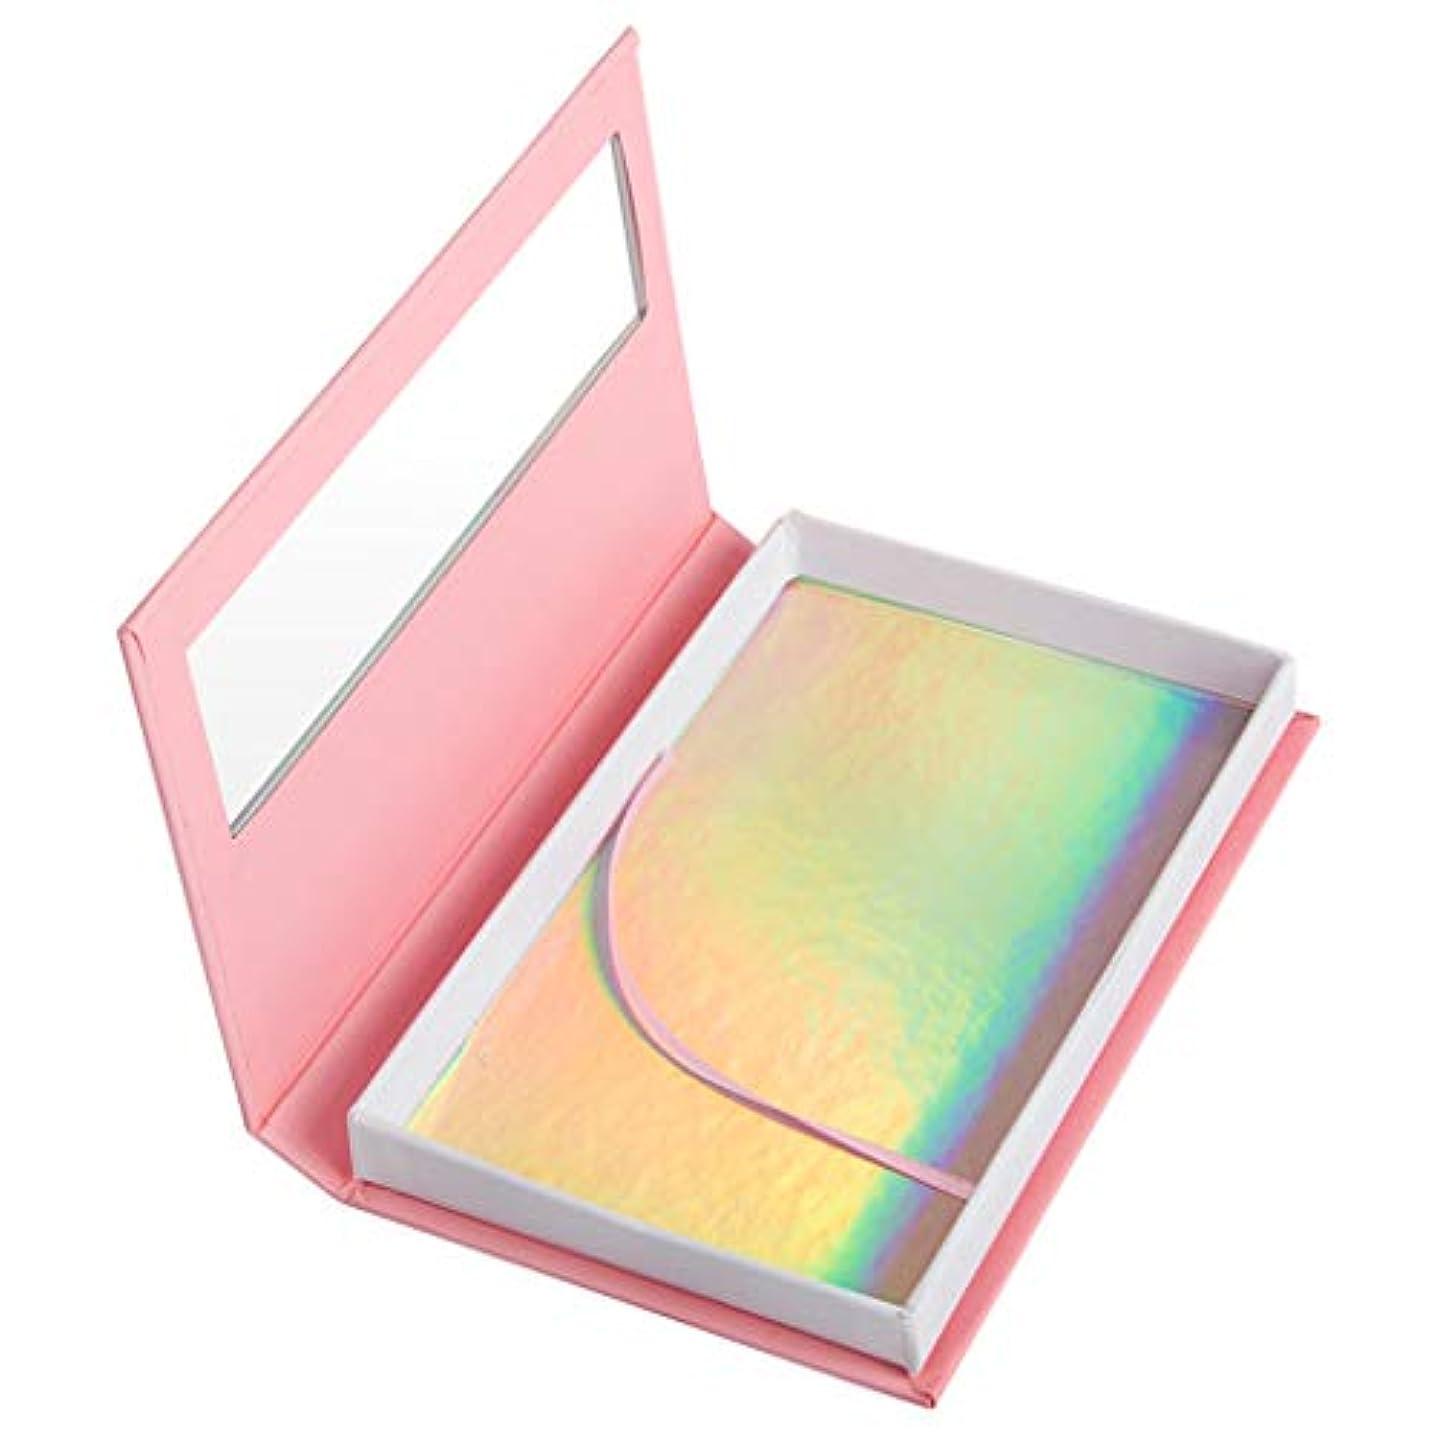 告白する乳製品分類空のつけまつげケア収納ケースボックスコンテナホルダーコンパートメントツール